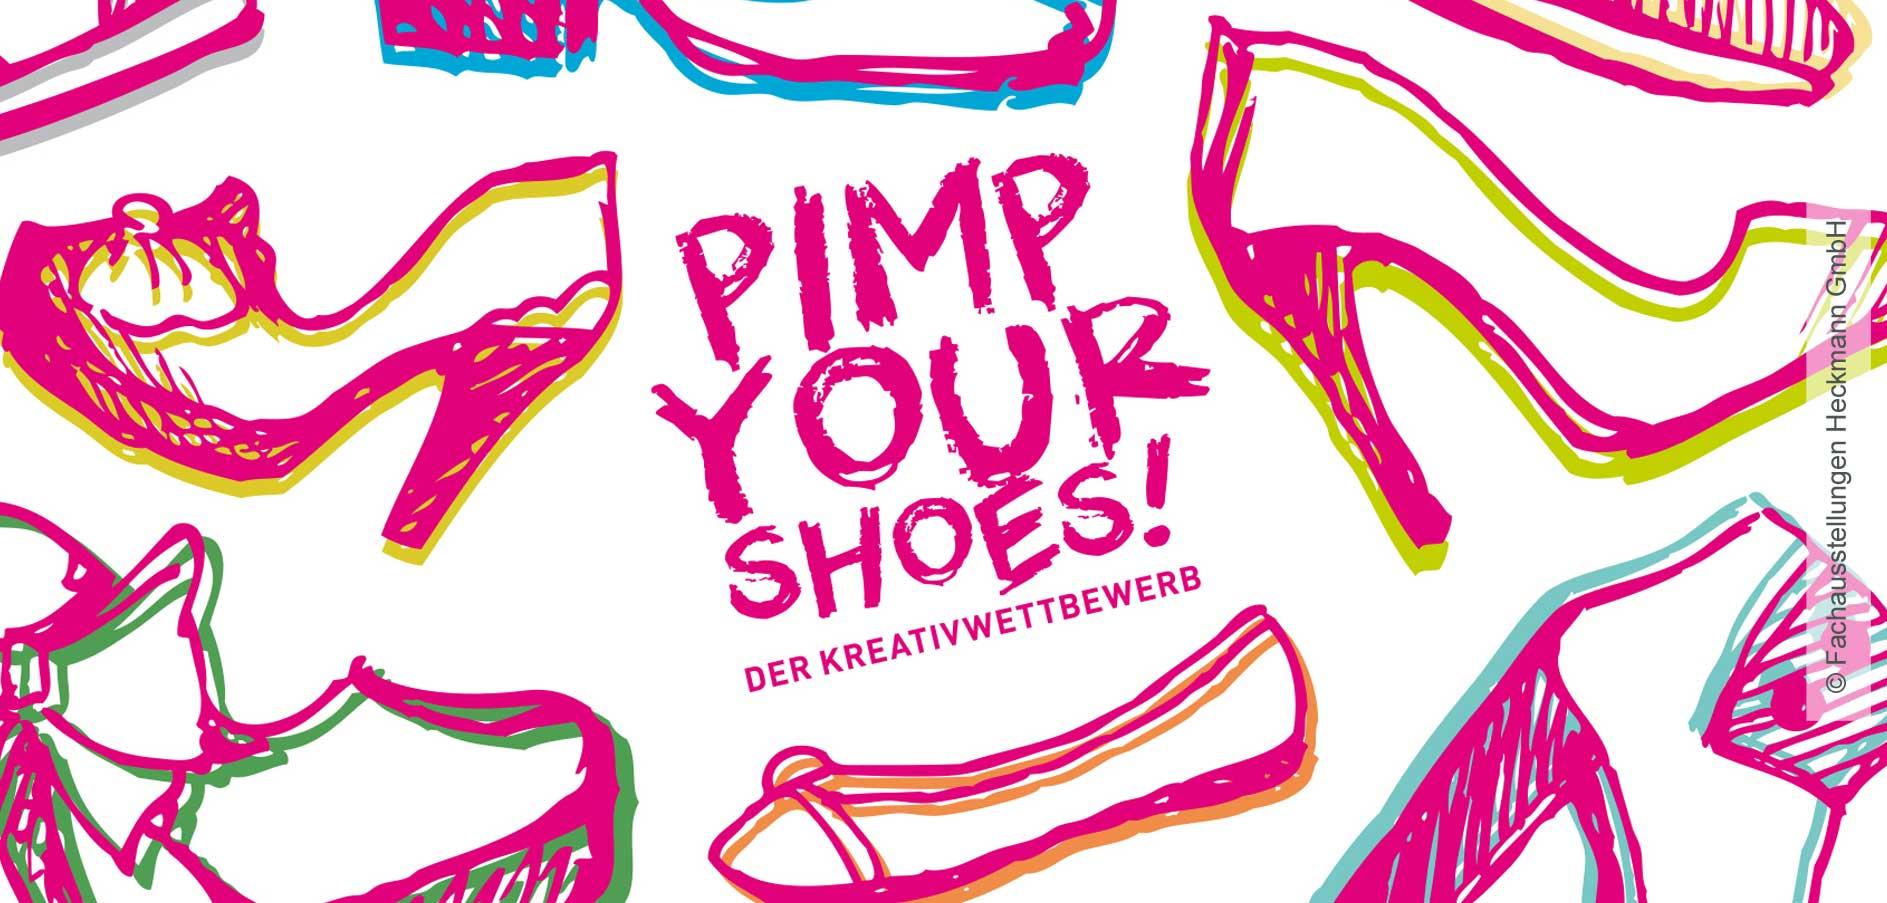 infa-Messe_Pimp you Shoes